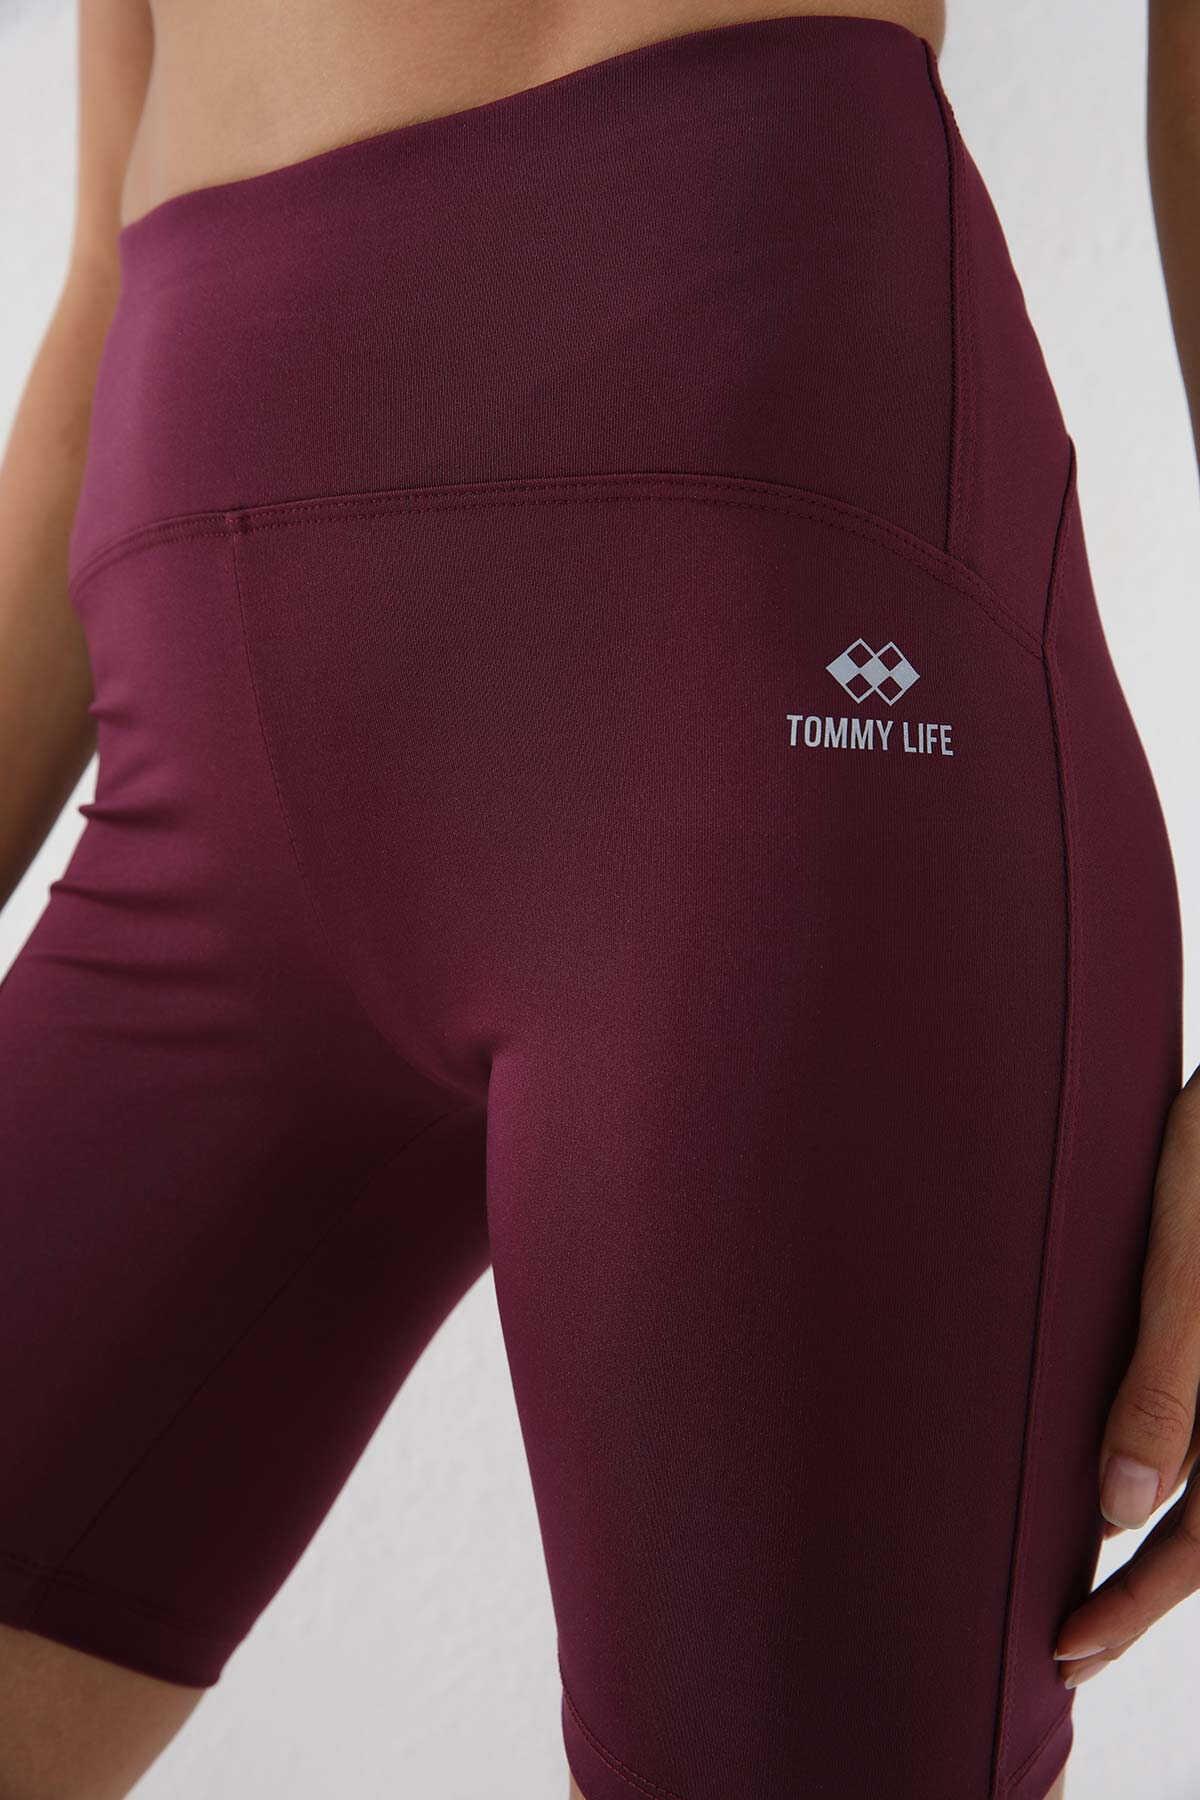 Tommy Life Toptan Bordo Kadın Yüksek Bel Toparlayıcı Kısa Biker Tayt - 91007